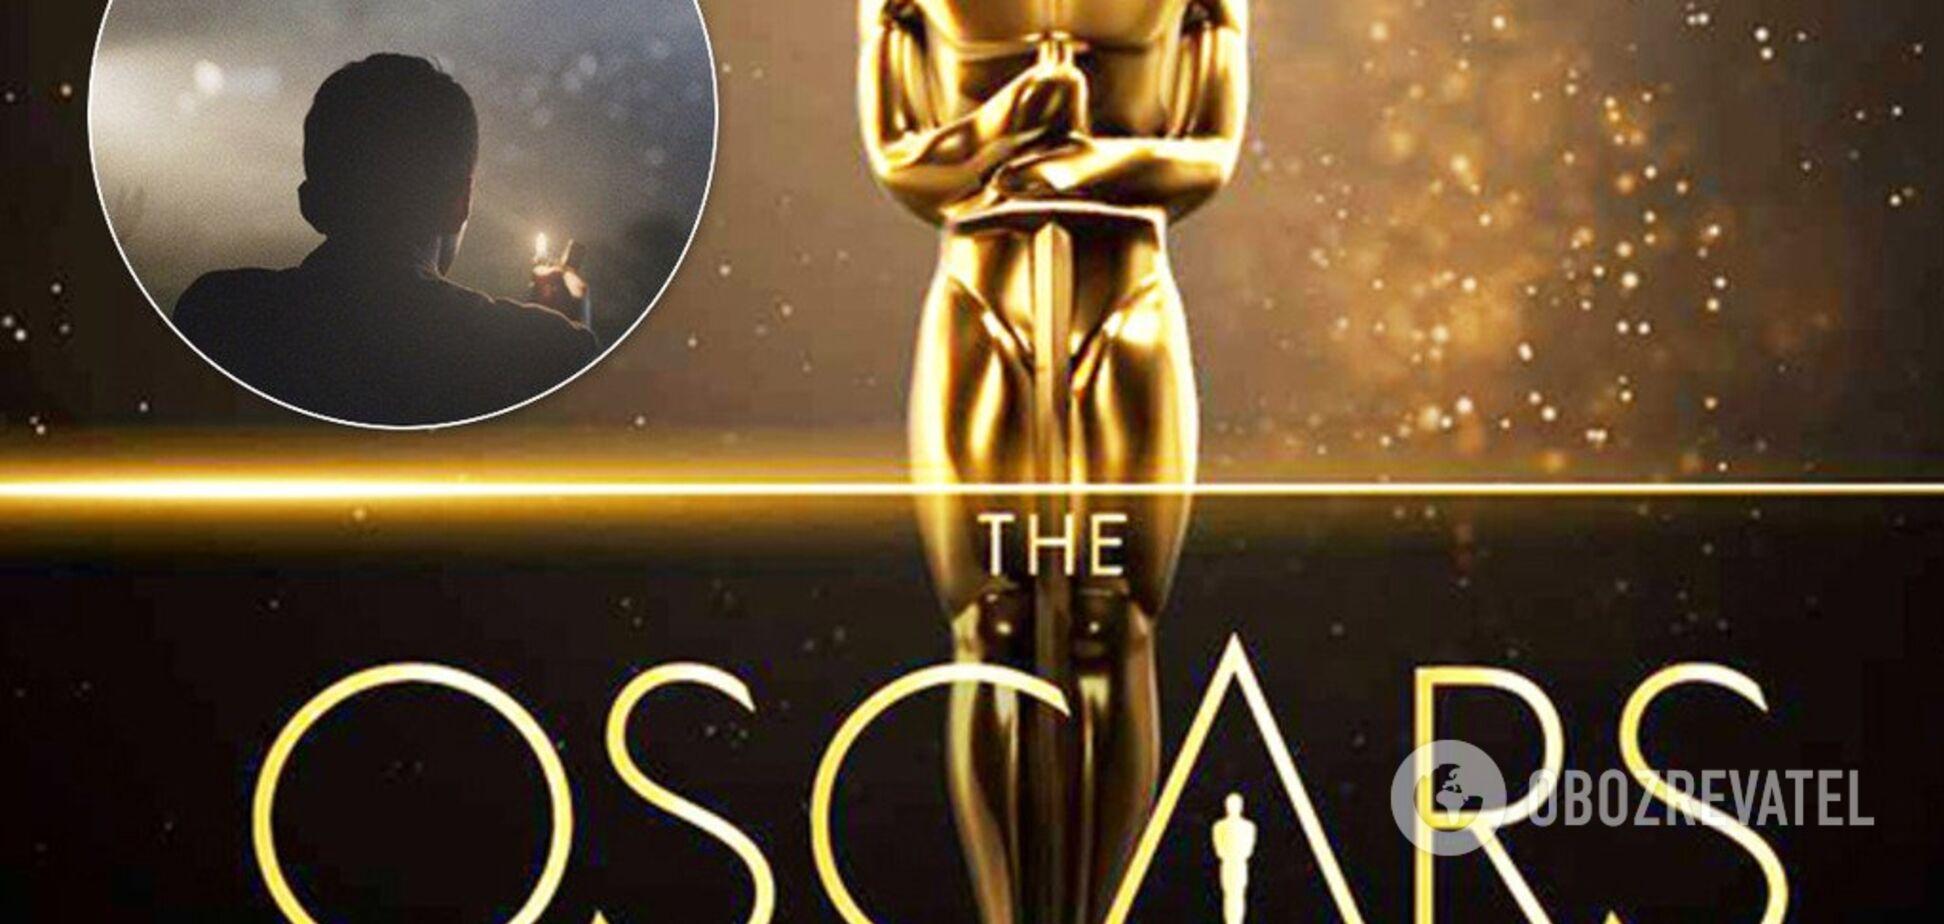 Украинский фильм попал в список претендентов на 'Оскар': что известно